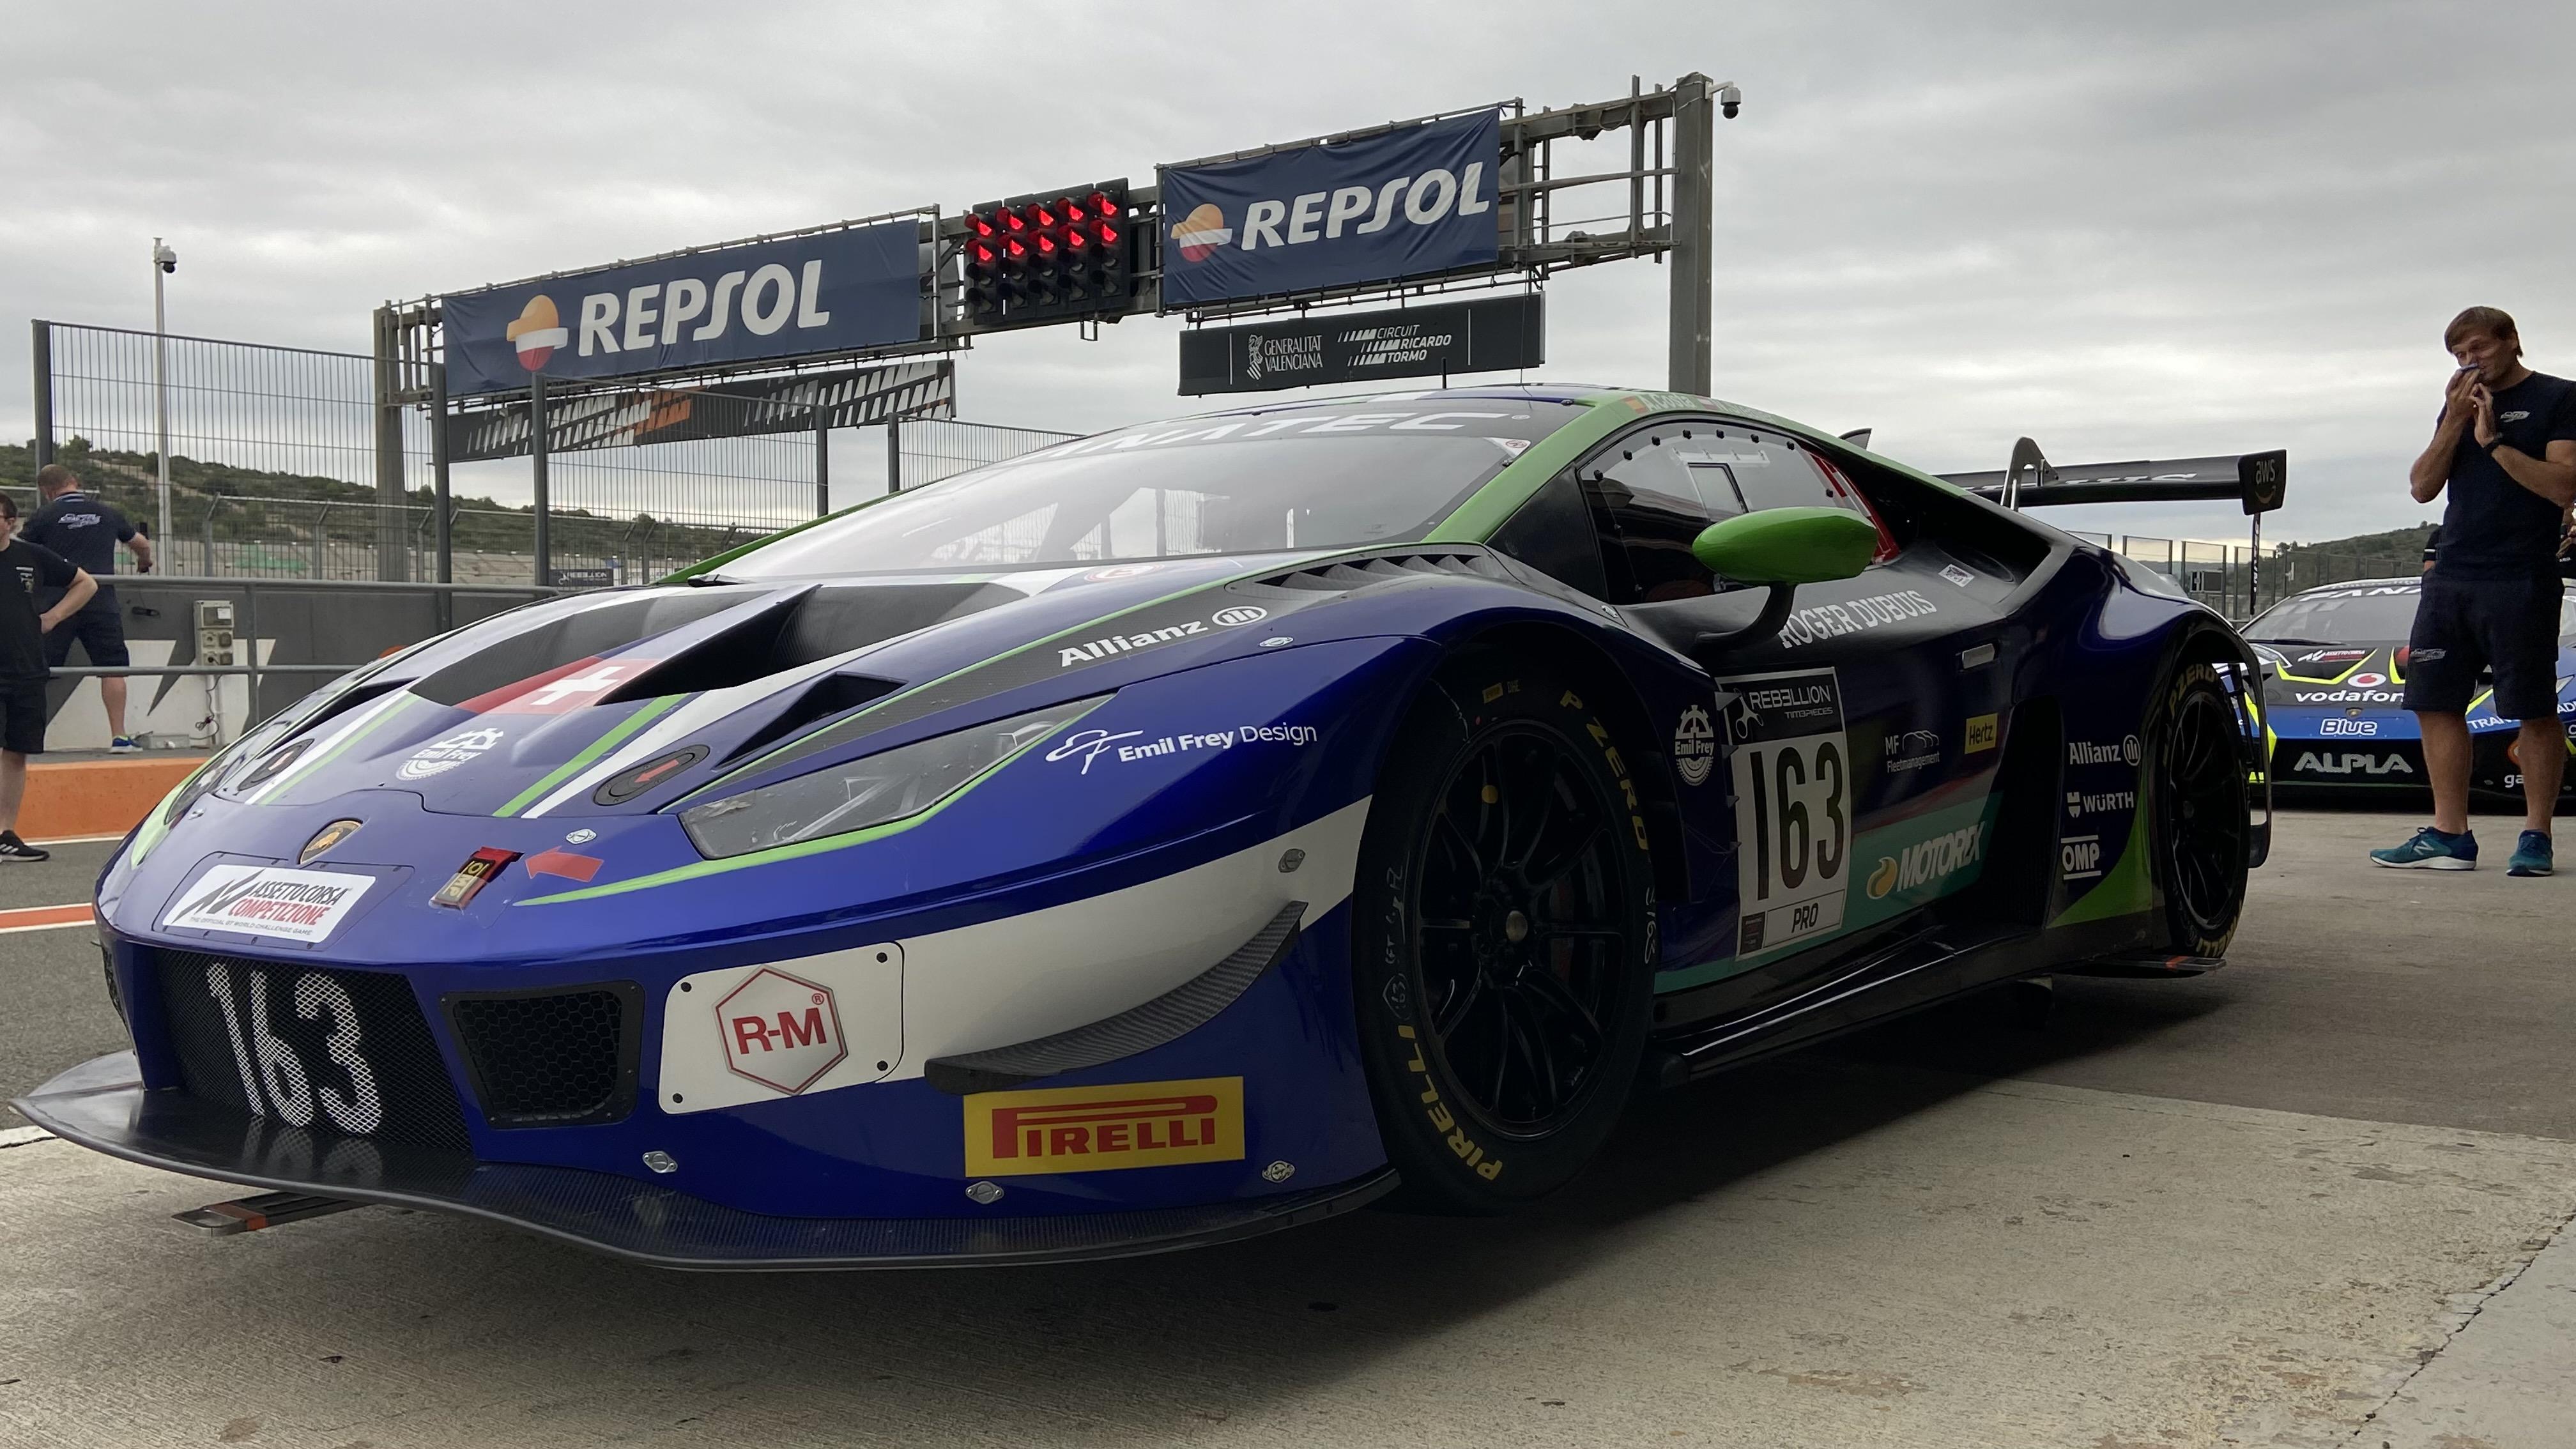 Los mejores GT del mundo compiten este fin de semana en el Circuit Ricardo Tormo